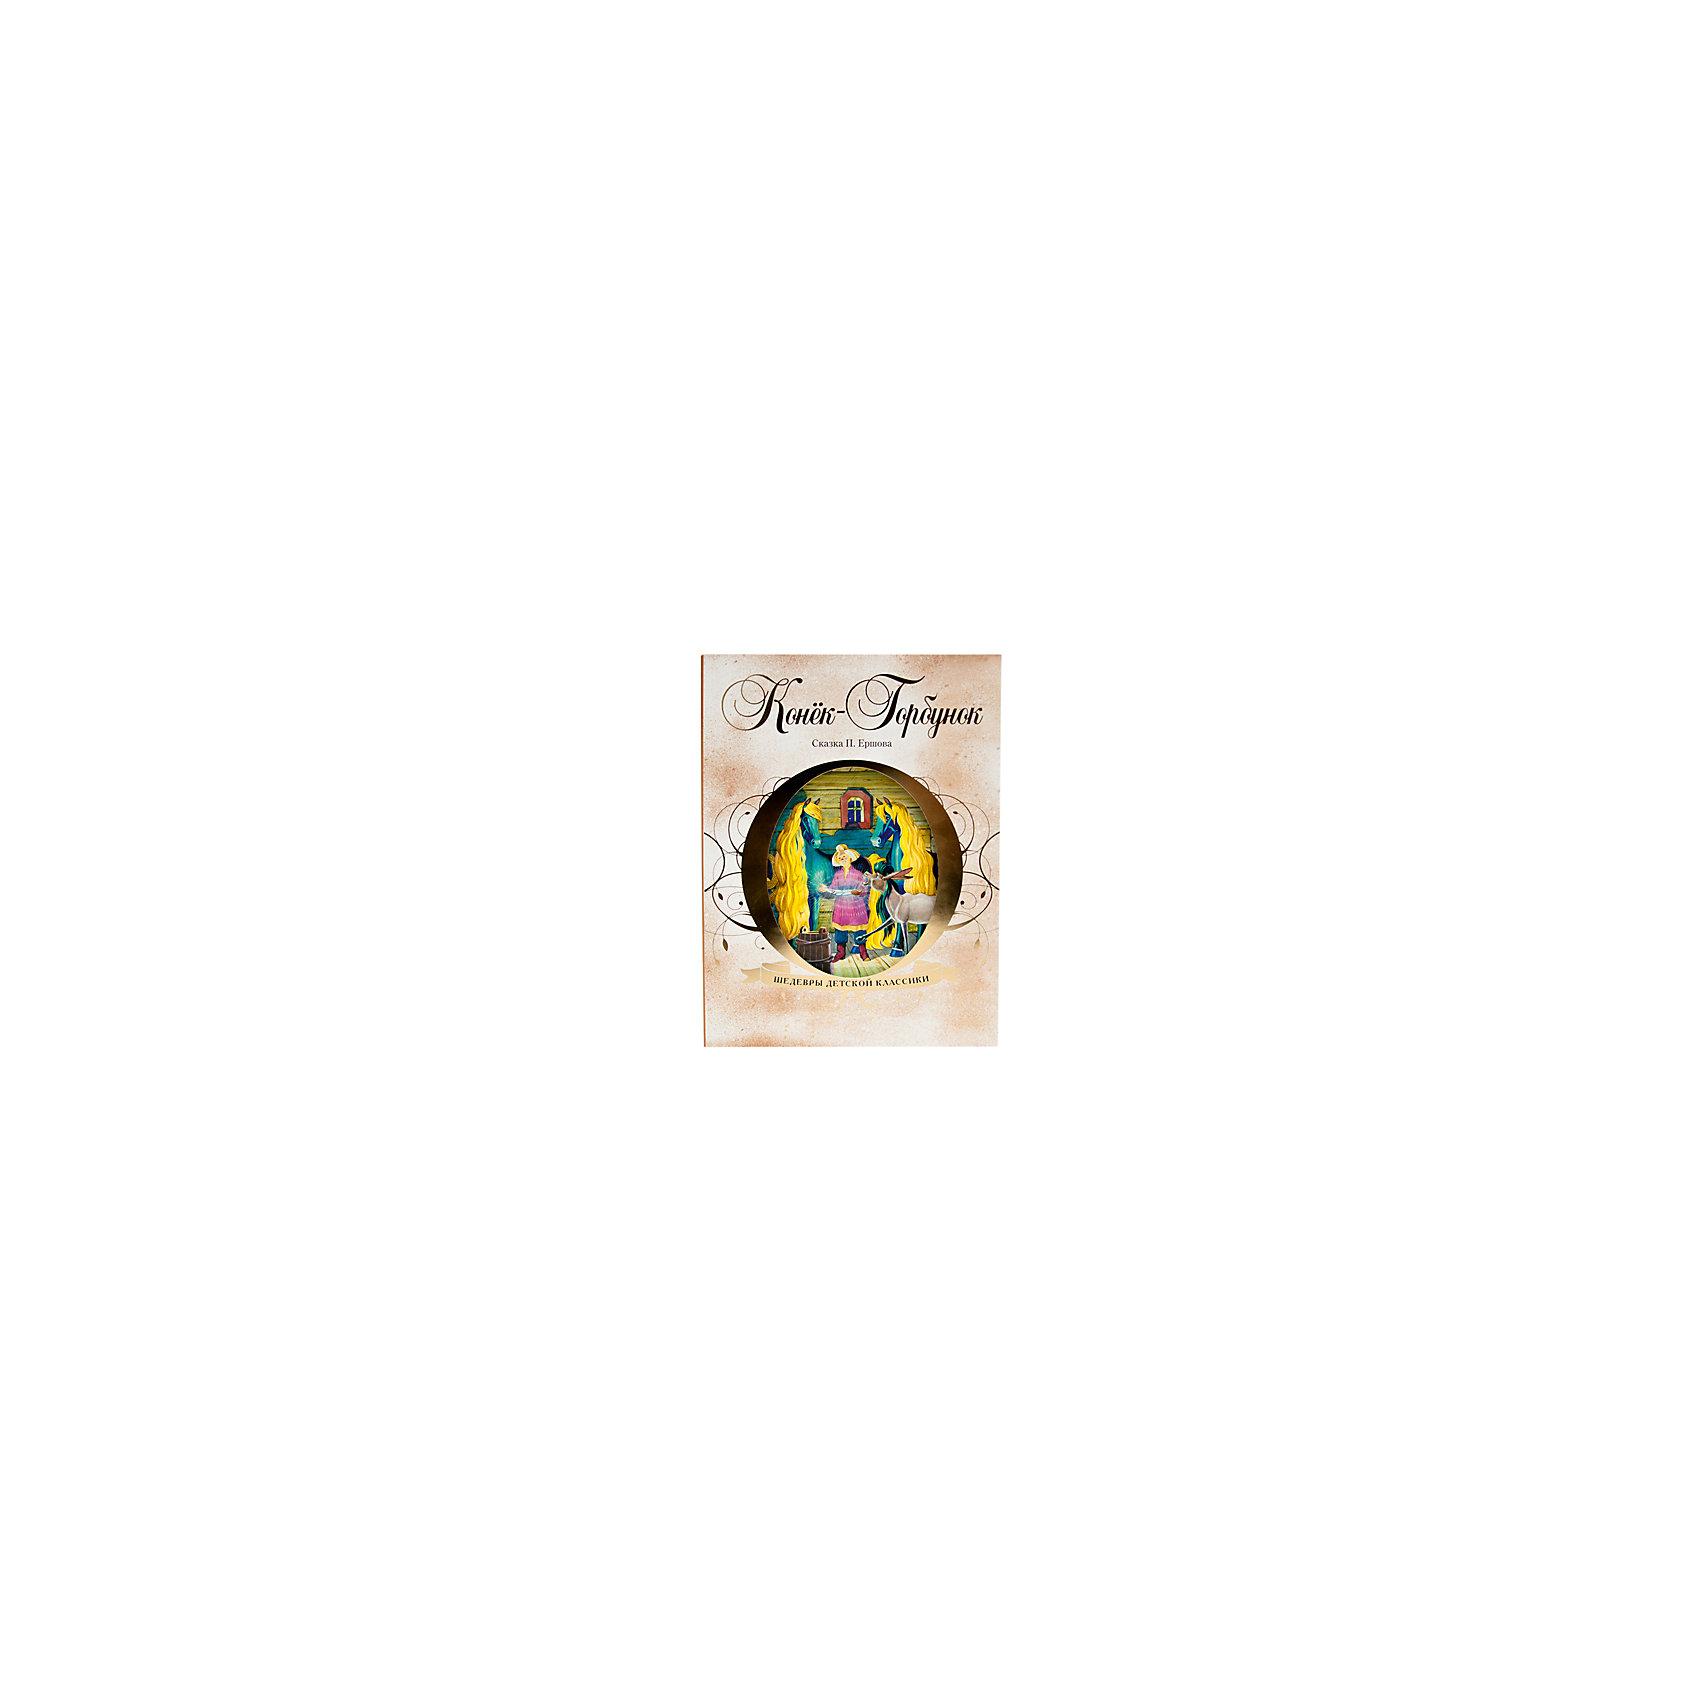 Конек-Горбунок, П. ЕршовРусские сказки<br>Книжка Конек-Горбунок.<br><br>Характеристики:<br><br>• Для детей в возрасте: от 5 до 7 лет<br>• Автор: П. Ершов<br>• Художник: С. Набутовский<br>• Издательство: Мозаика-Синтез<br>• Серия: Шедевры детской классики<br>• Тип обложки: мягкий переплет, крепление скрепкой или клеем.<br>• Оформление: тиснение золотом.<br>• Иллюстрации: цветные<br>• Количество страниц: 120<br>• Размер: 290х217х11 мм.<br>• Вес: 634 гр.<br>• ISBN: 9785431508608<br><br>Книга «Конек-Горбунок» серии «Шедевры детской классики» познакомит маленьких читателей со сказкой П. Ершова «Конек-Горбунок», которая вот уже почти 200 лет любима детьми и их родителями и входит в золотой фонд детской литературы. Книга на плотной мелованной бумаге в мягкой обложке с золотым тиснением займет достойное место в вашей домашней библиотеке.<br><br>Книжку Конек-Горбунок можно купить в нашем интернет-магазине.<br><br>Ширина мм: 110<br>Глубина мм: 217<br>Высота мм: 290<br>Вес г: 634<br>Возраст от месяцев: 60<br>Возраст до месяцев: 84<br>Пол: Унисекс<br>Возраст: Детский<br>SKU: 5523249